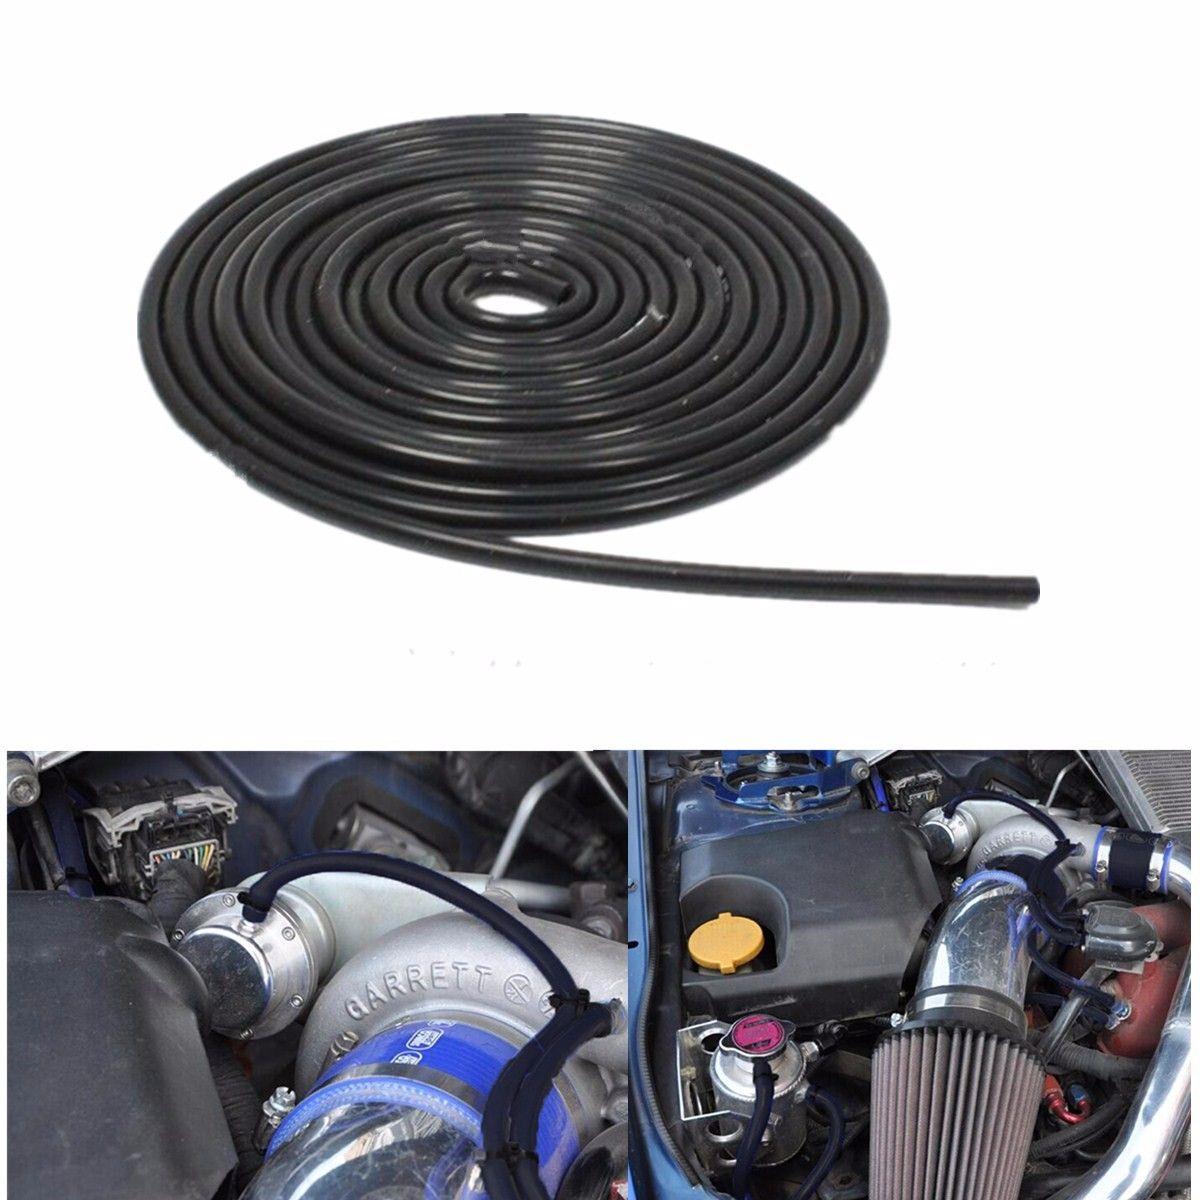 Tuyau de Silicone de tuyau de Tube de vide de Silicone de 4mm 16.4ft 500 cm pour le système de refroidissement de voiture noir